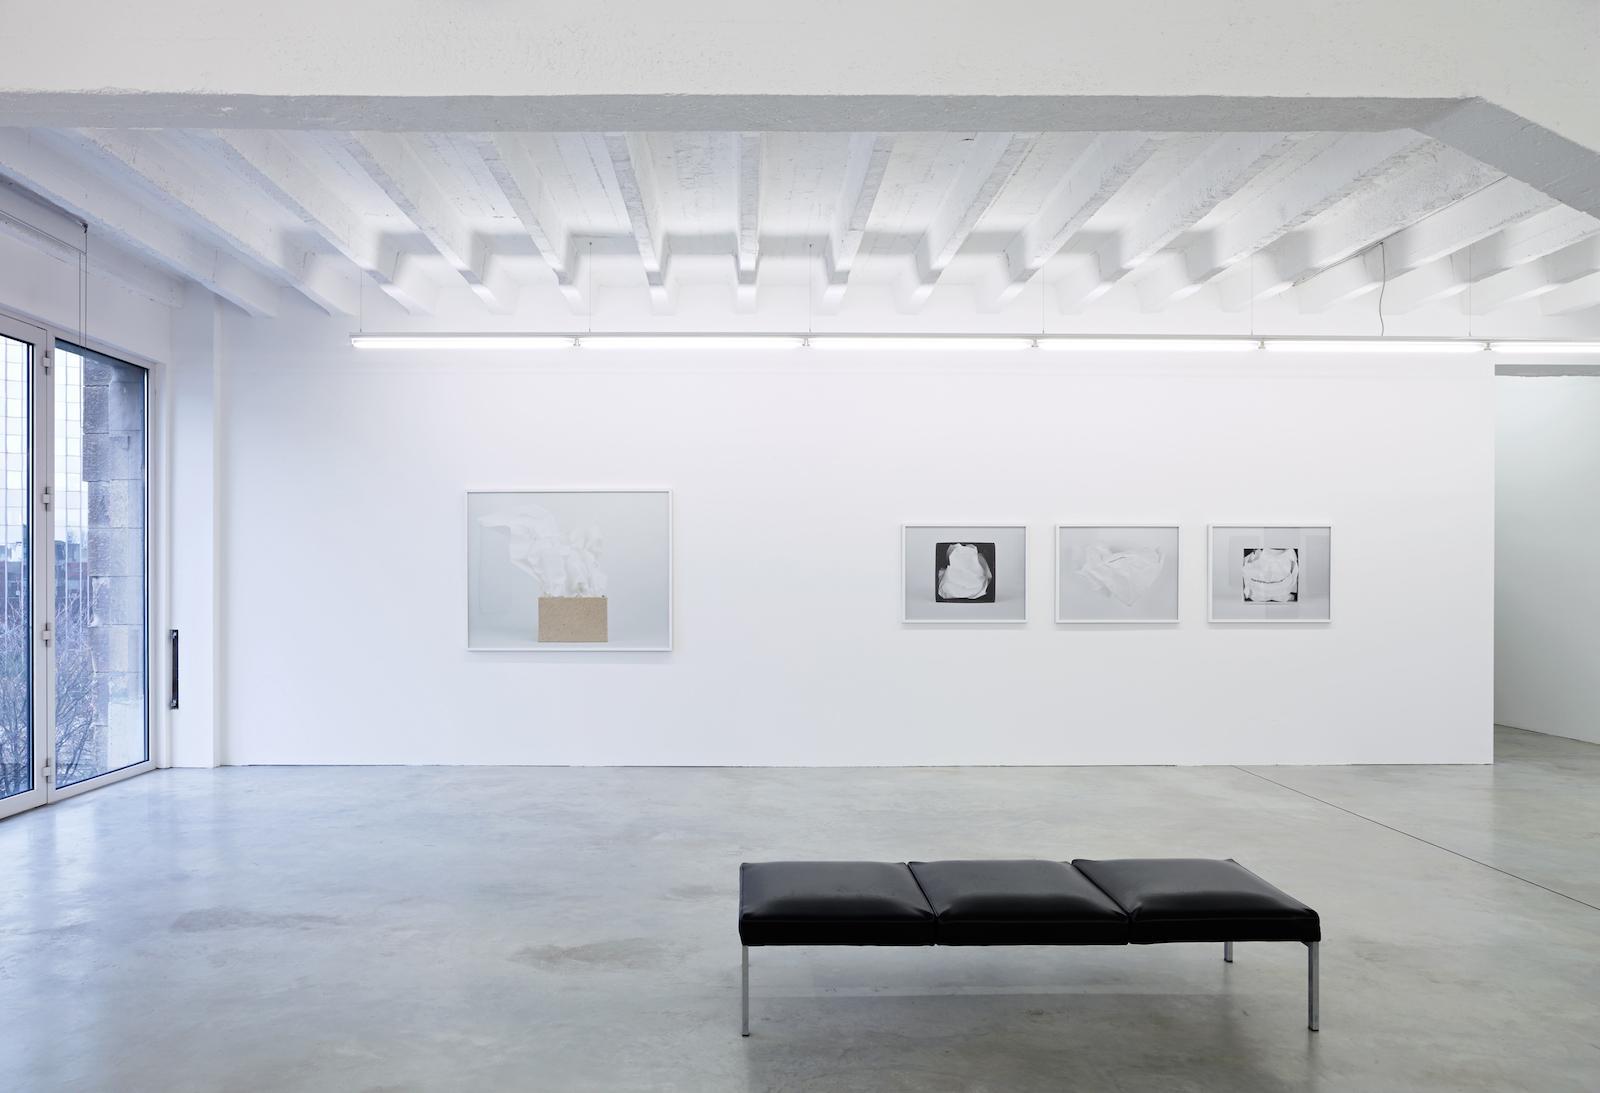 Bild från en utställning. Rummet är vitt och det finns fyra verk på väggen. Framför dem till höger i bilden är en svart bänk.